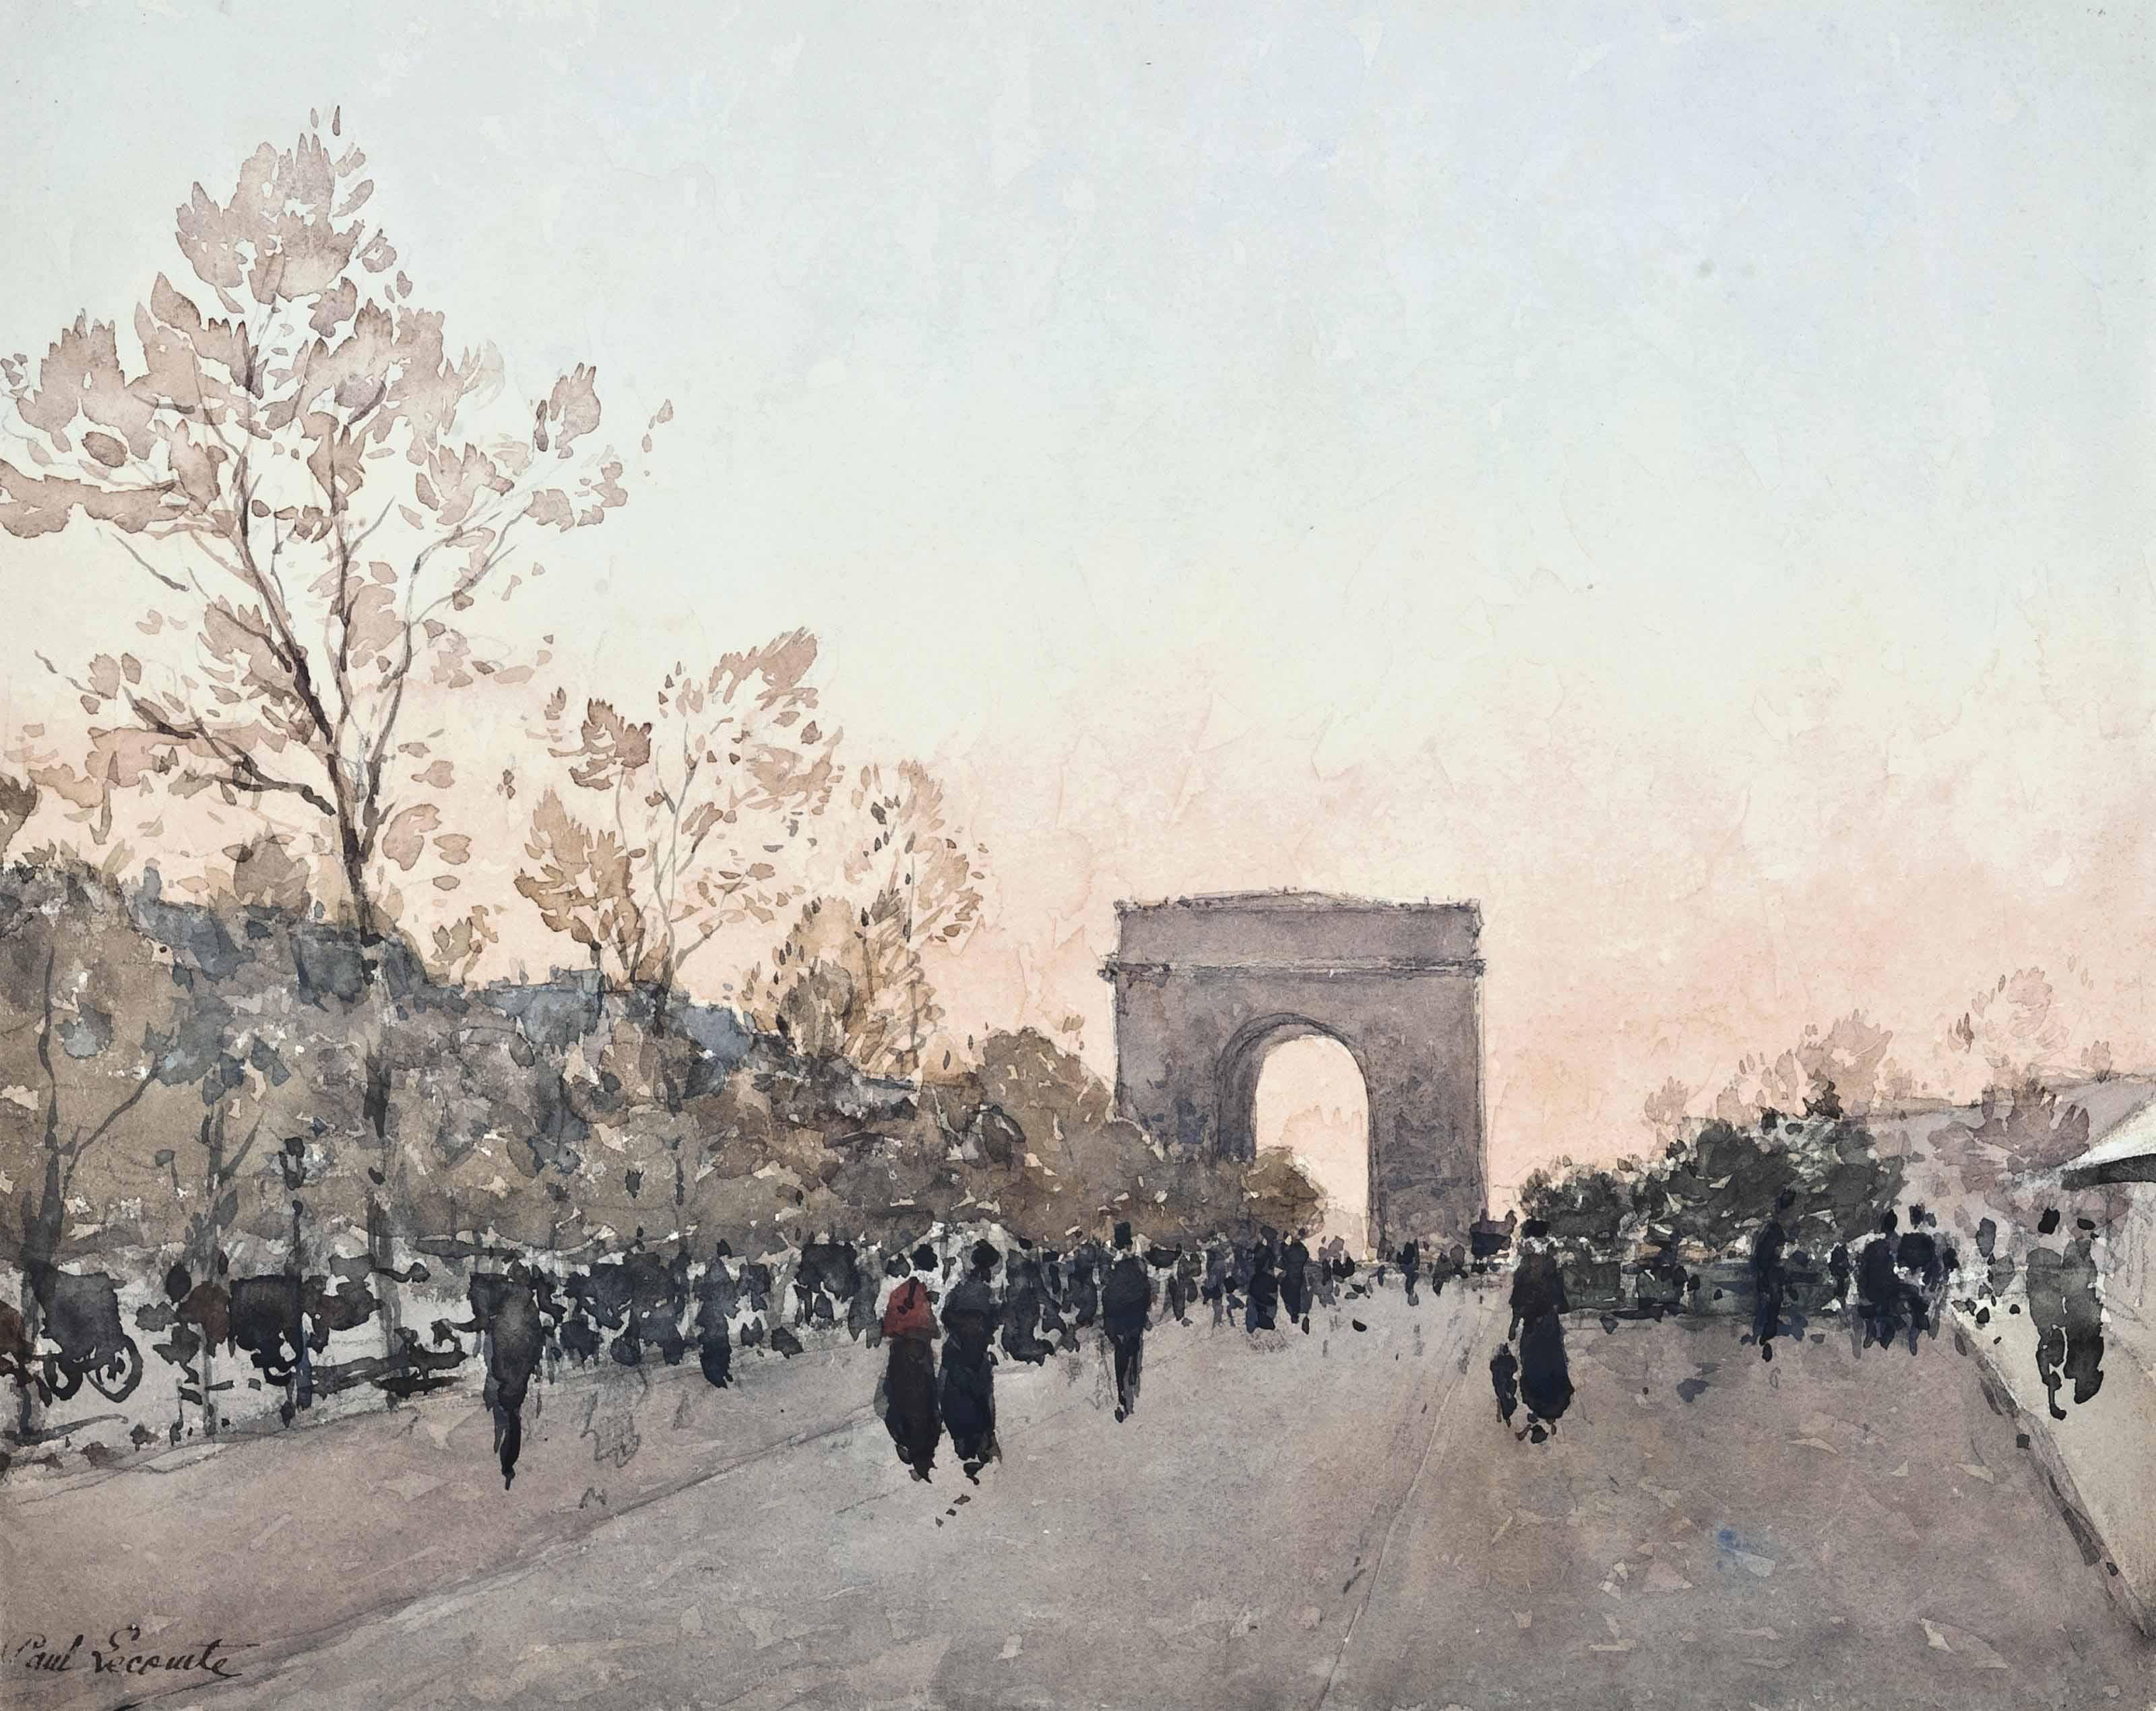 The Champs-Élysées, Paris